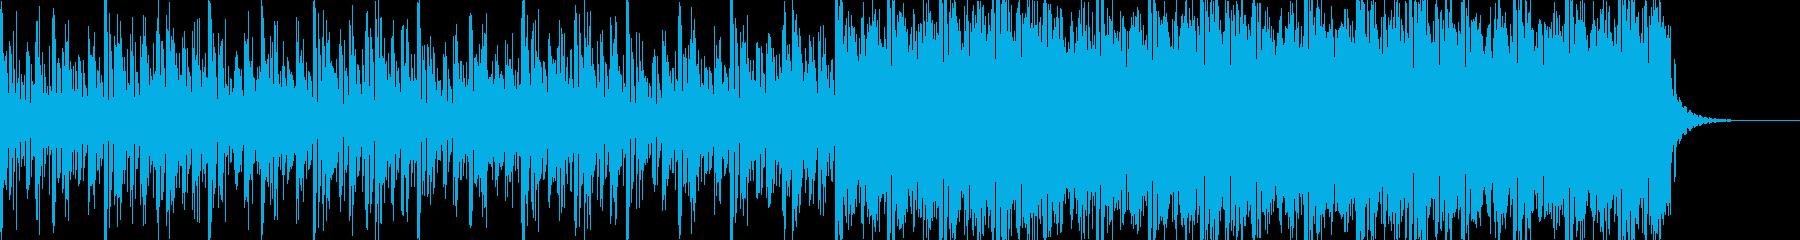 実用的な緊迫感のあるシンセBGM4の再生済みの波形